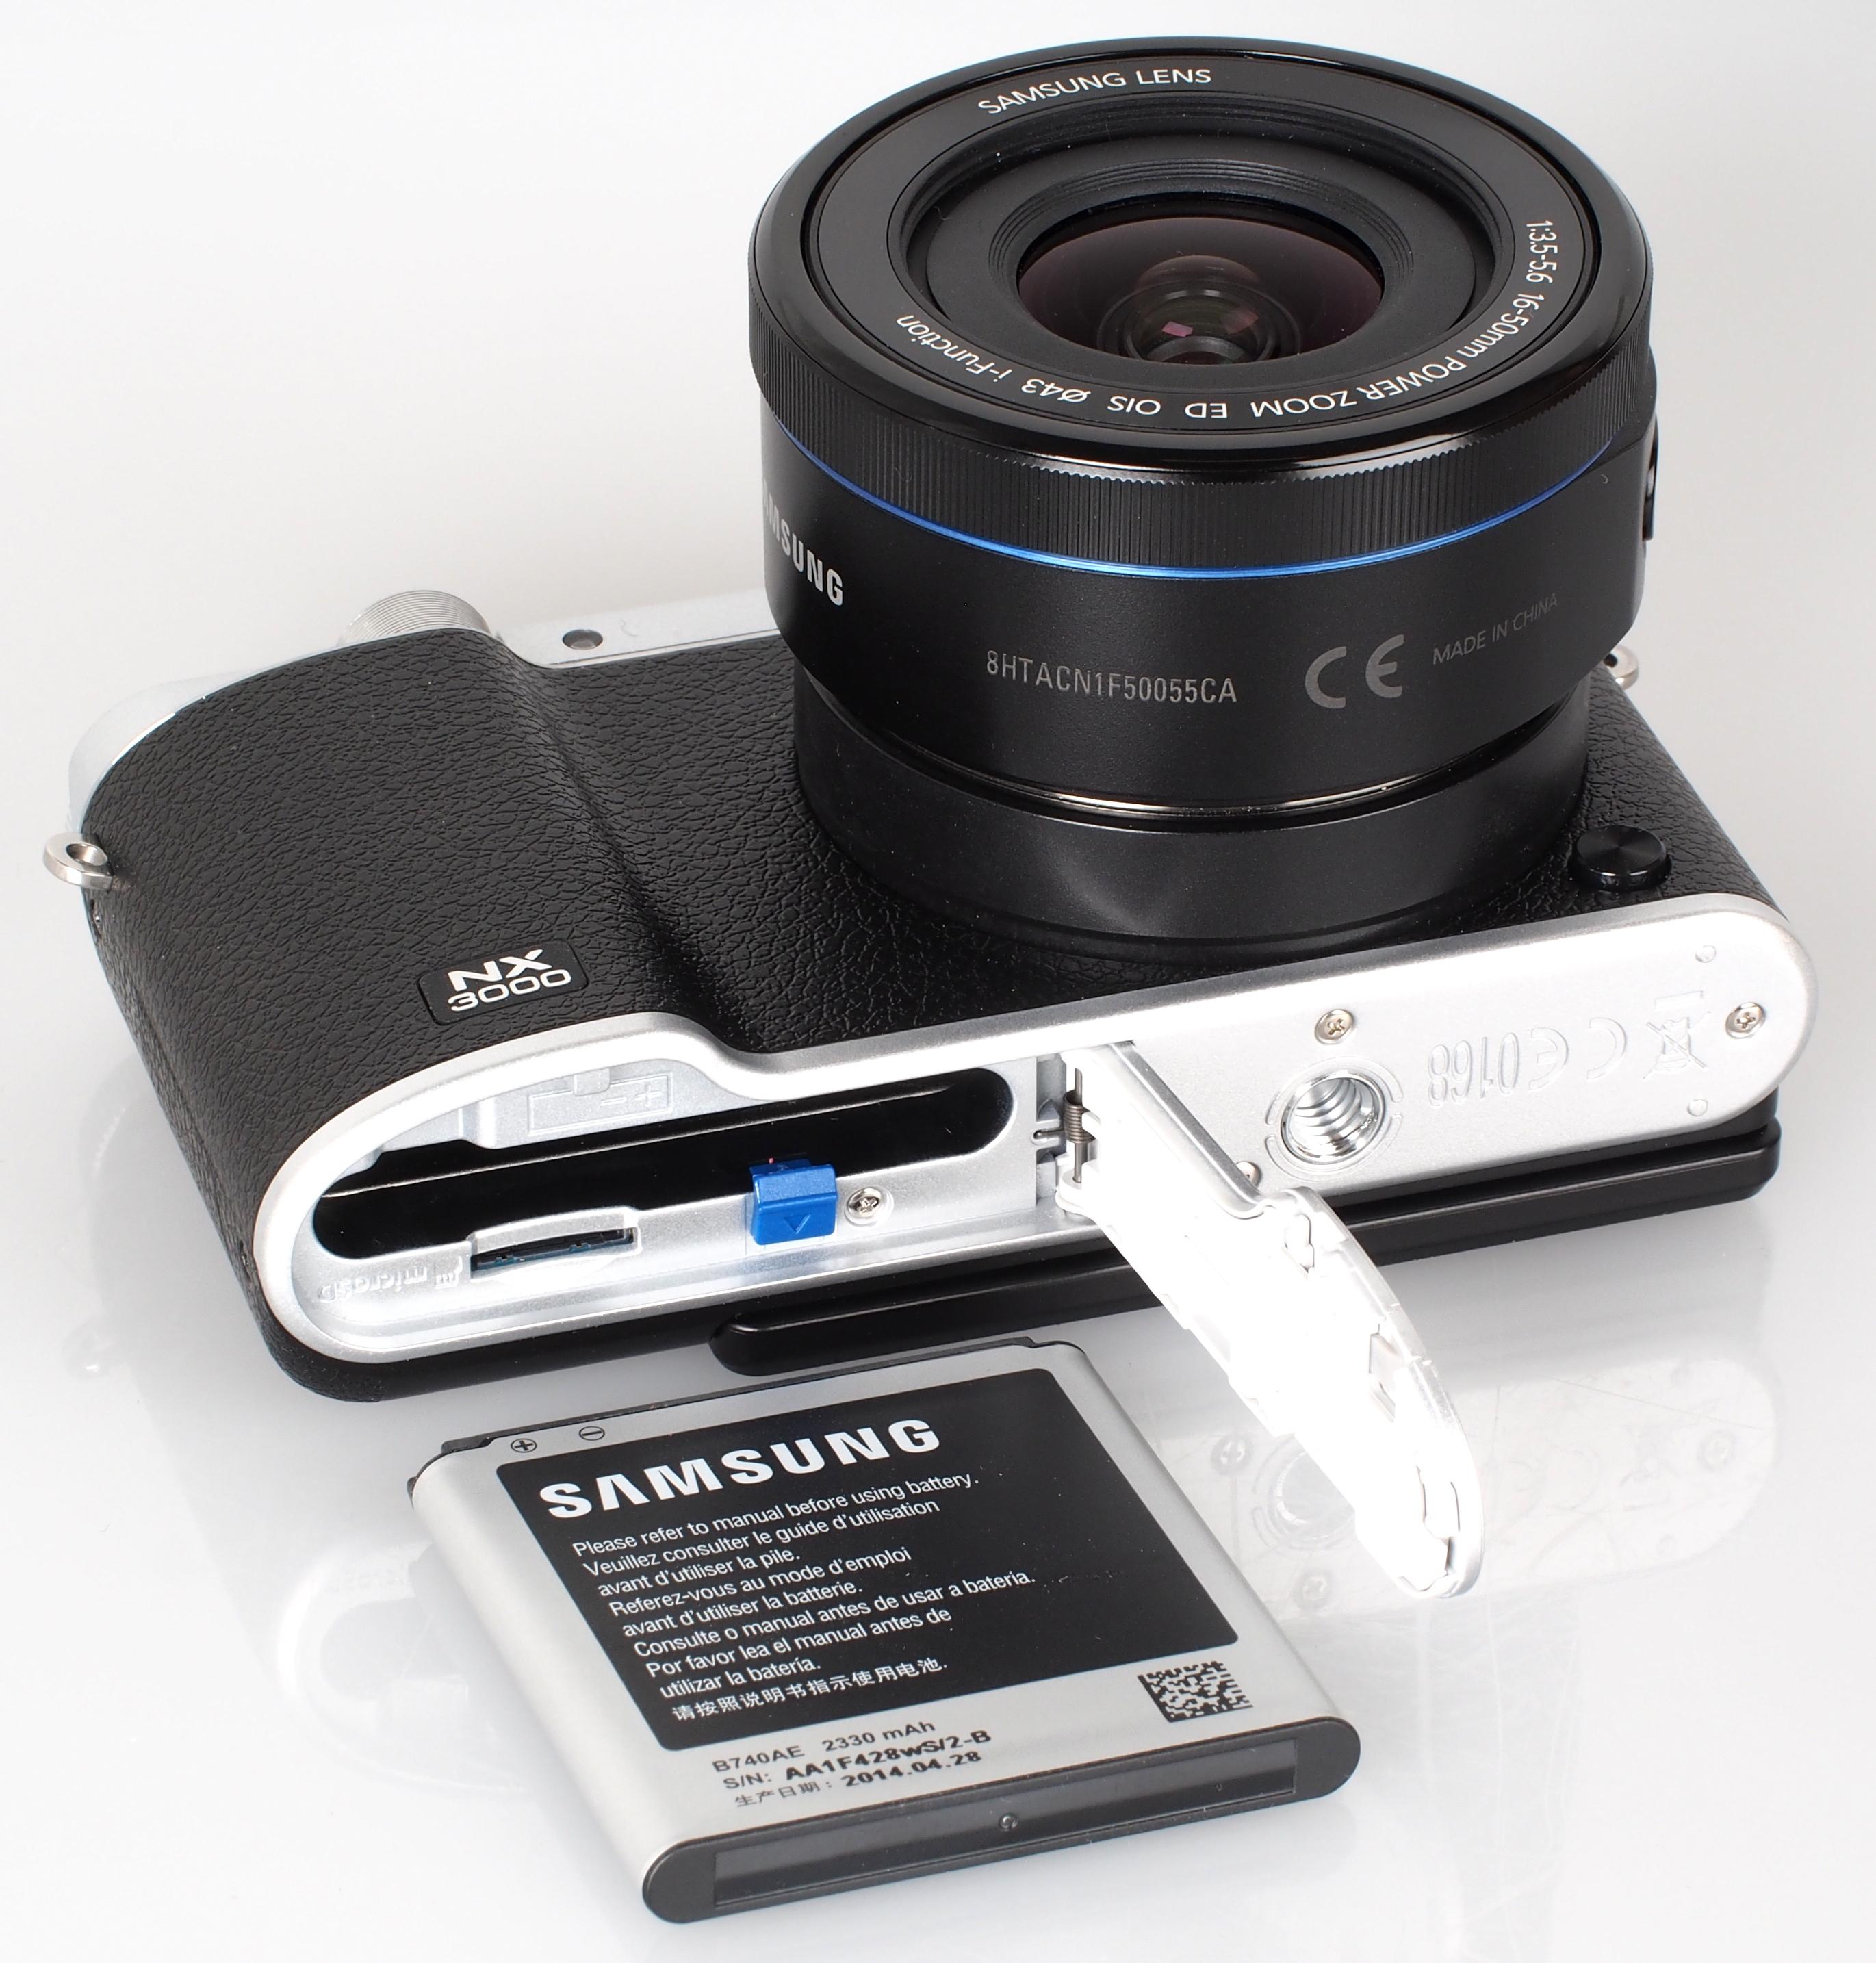 Samsung nx3000 mirrorless digital camera ev-nx3000boius b&h.